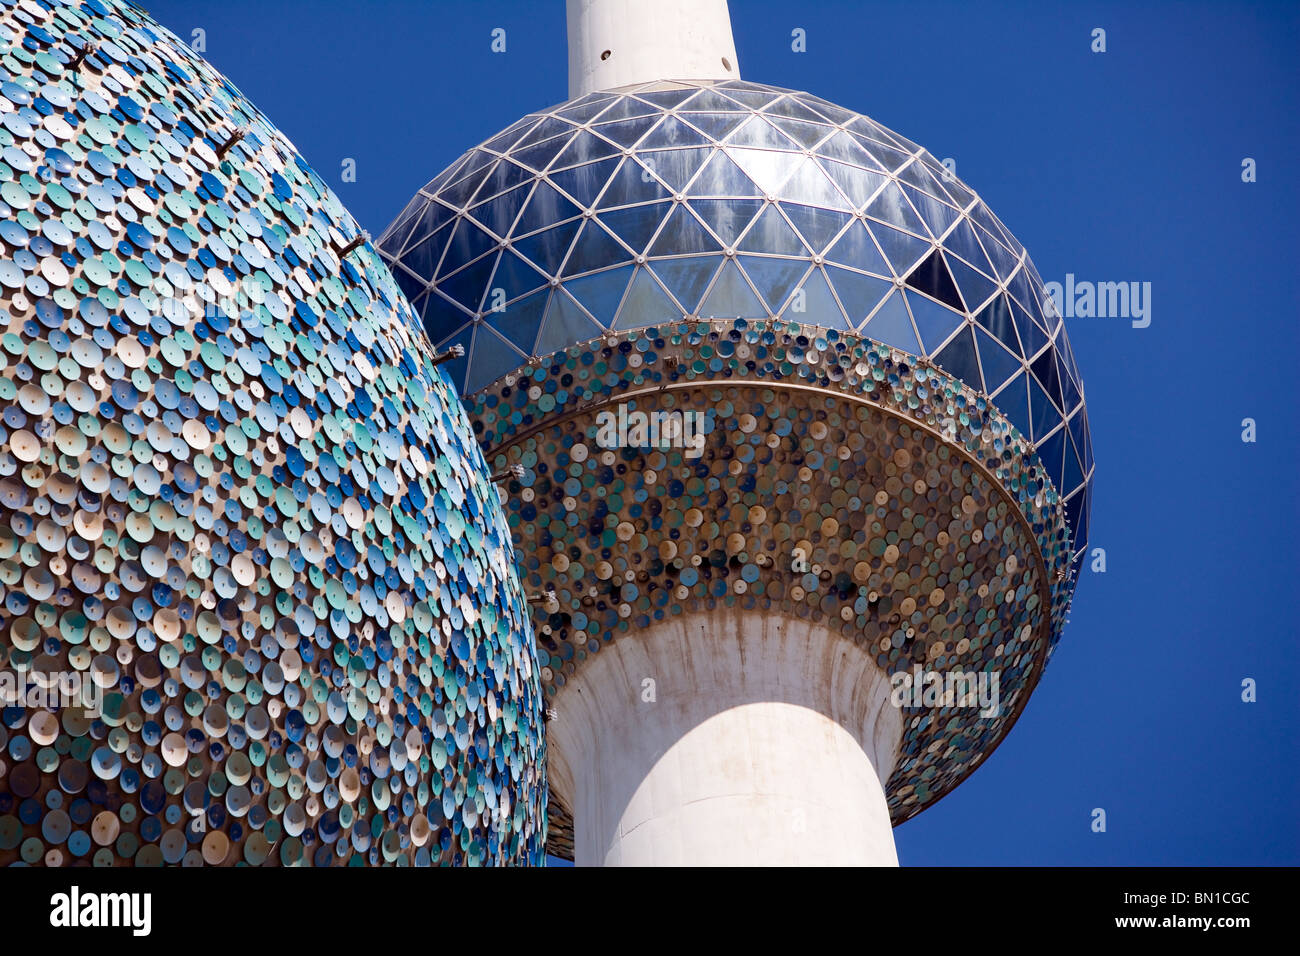 Kuwait Towers, établissement emblématique, l'État du Koweït, au Moyen-Orient Banque D'Images